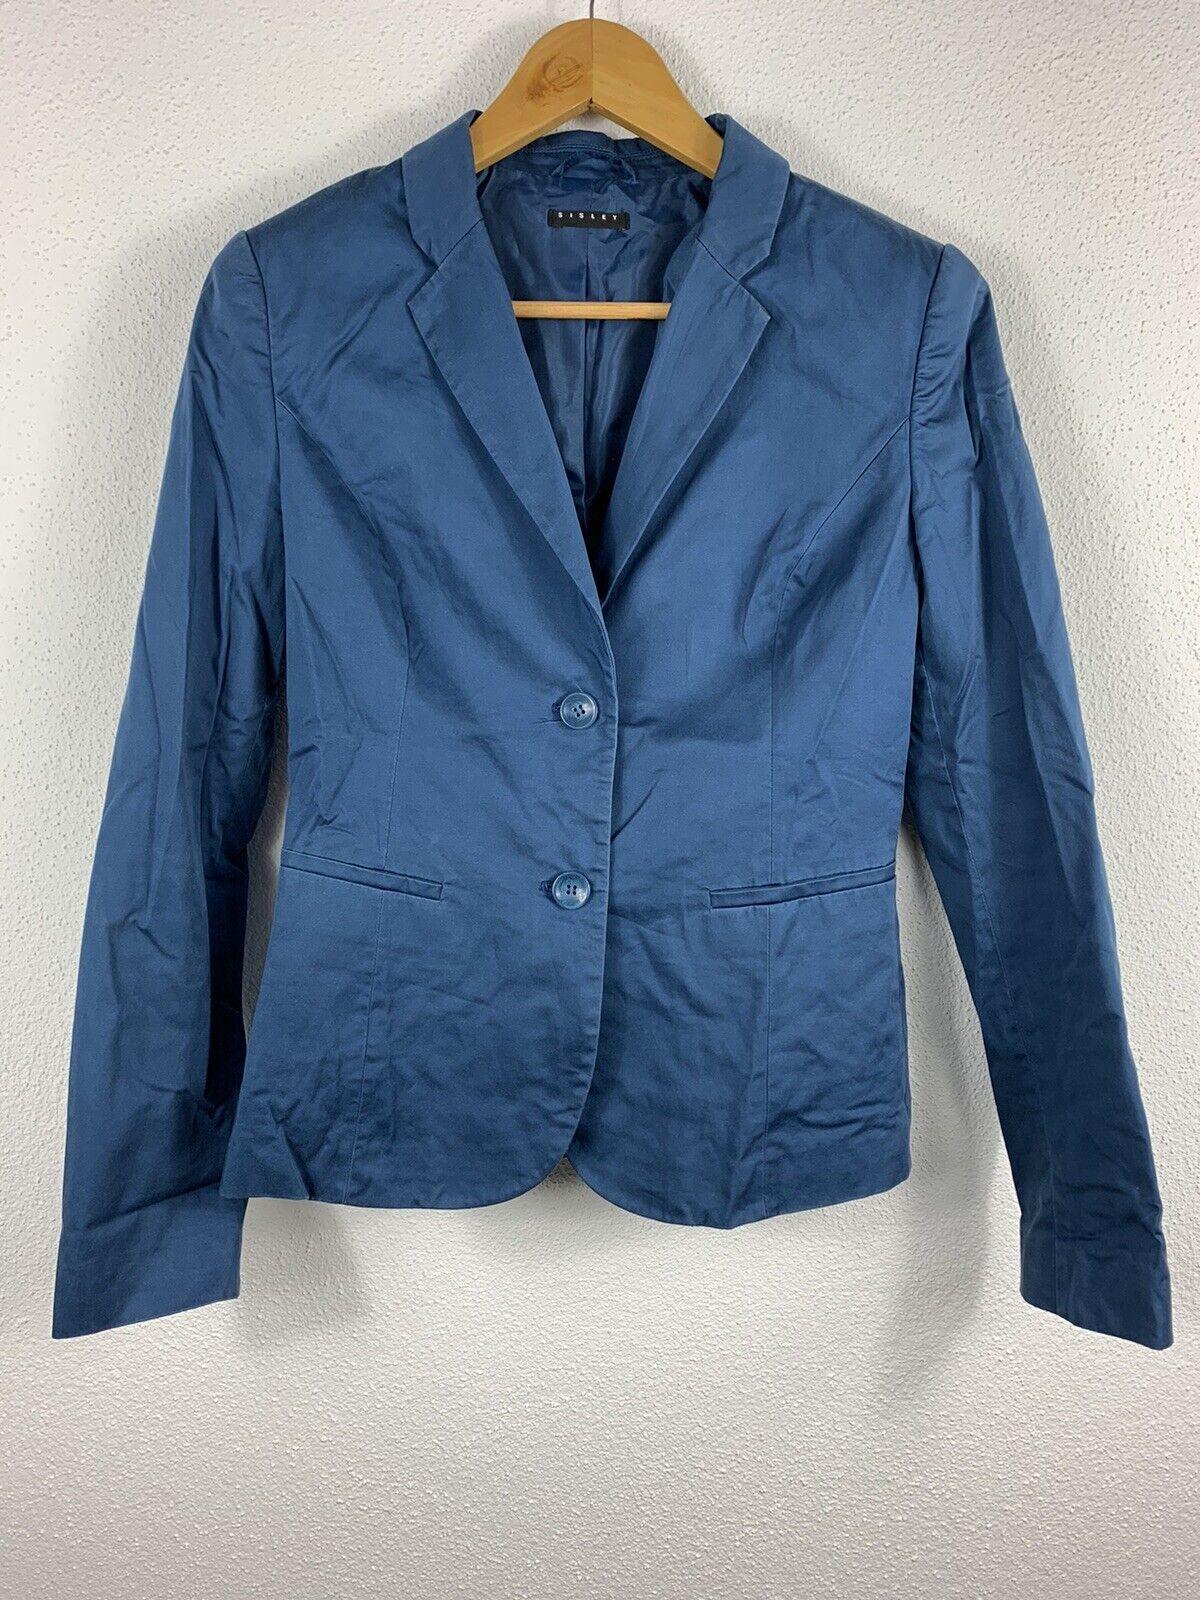 Ladies Blazer-SISLEY-Blue-Used - Basic-Size 44 - #103